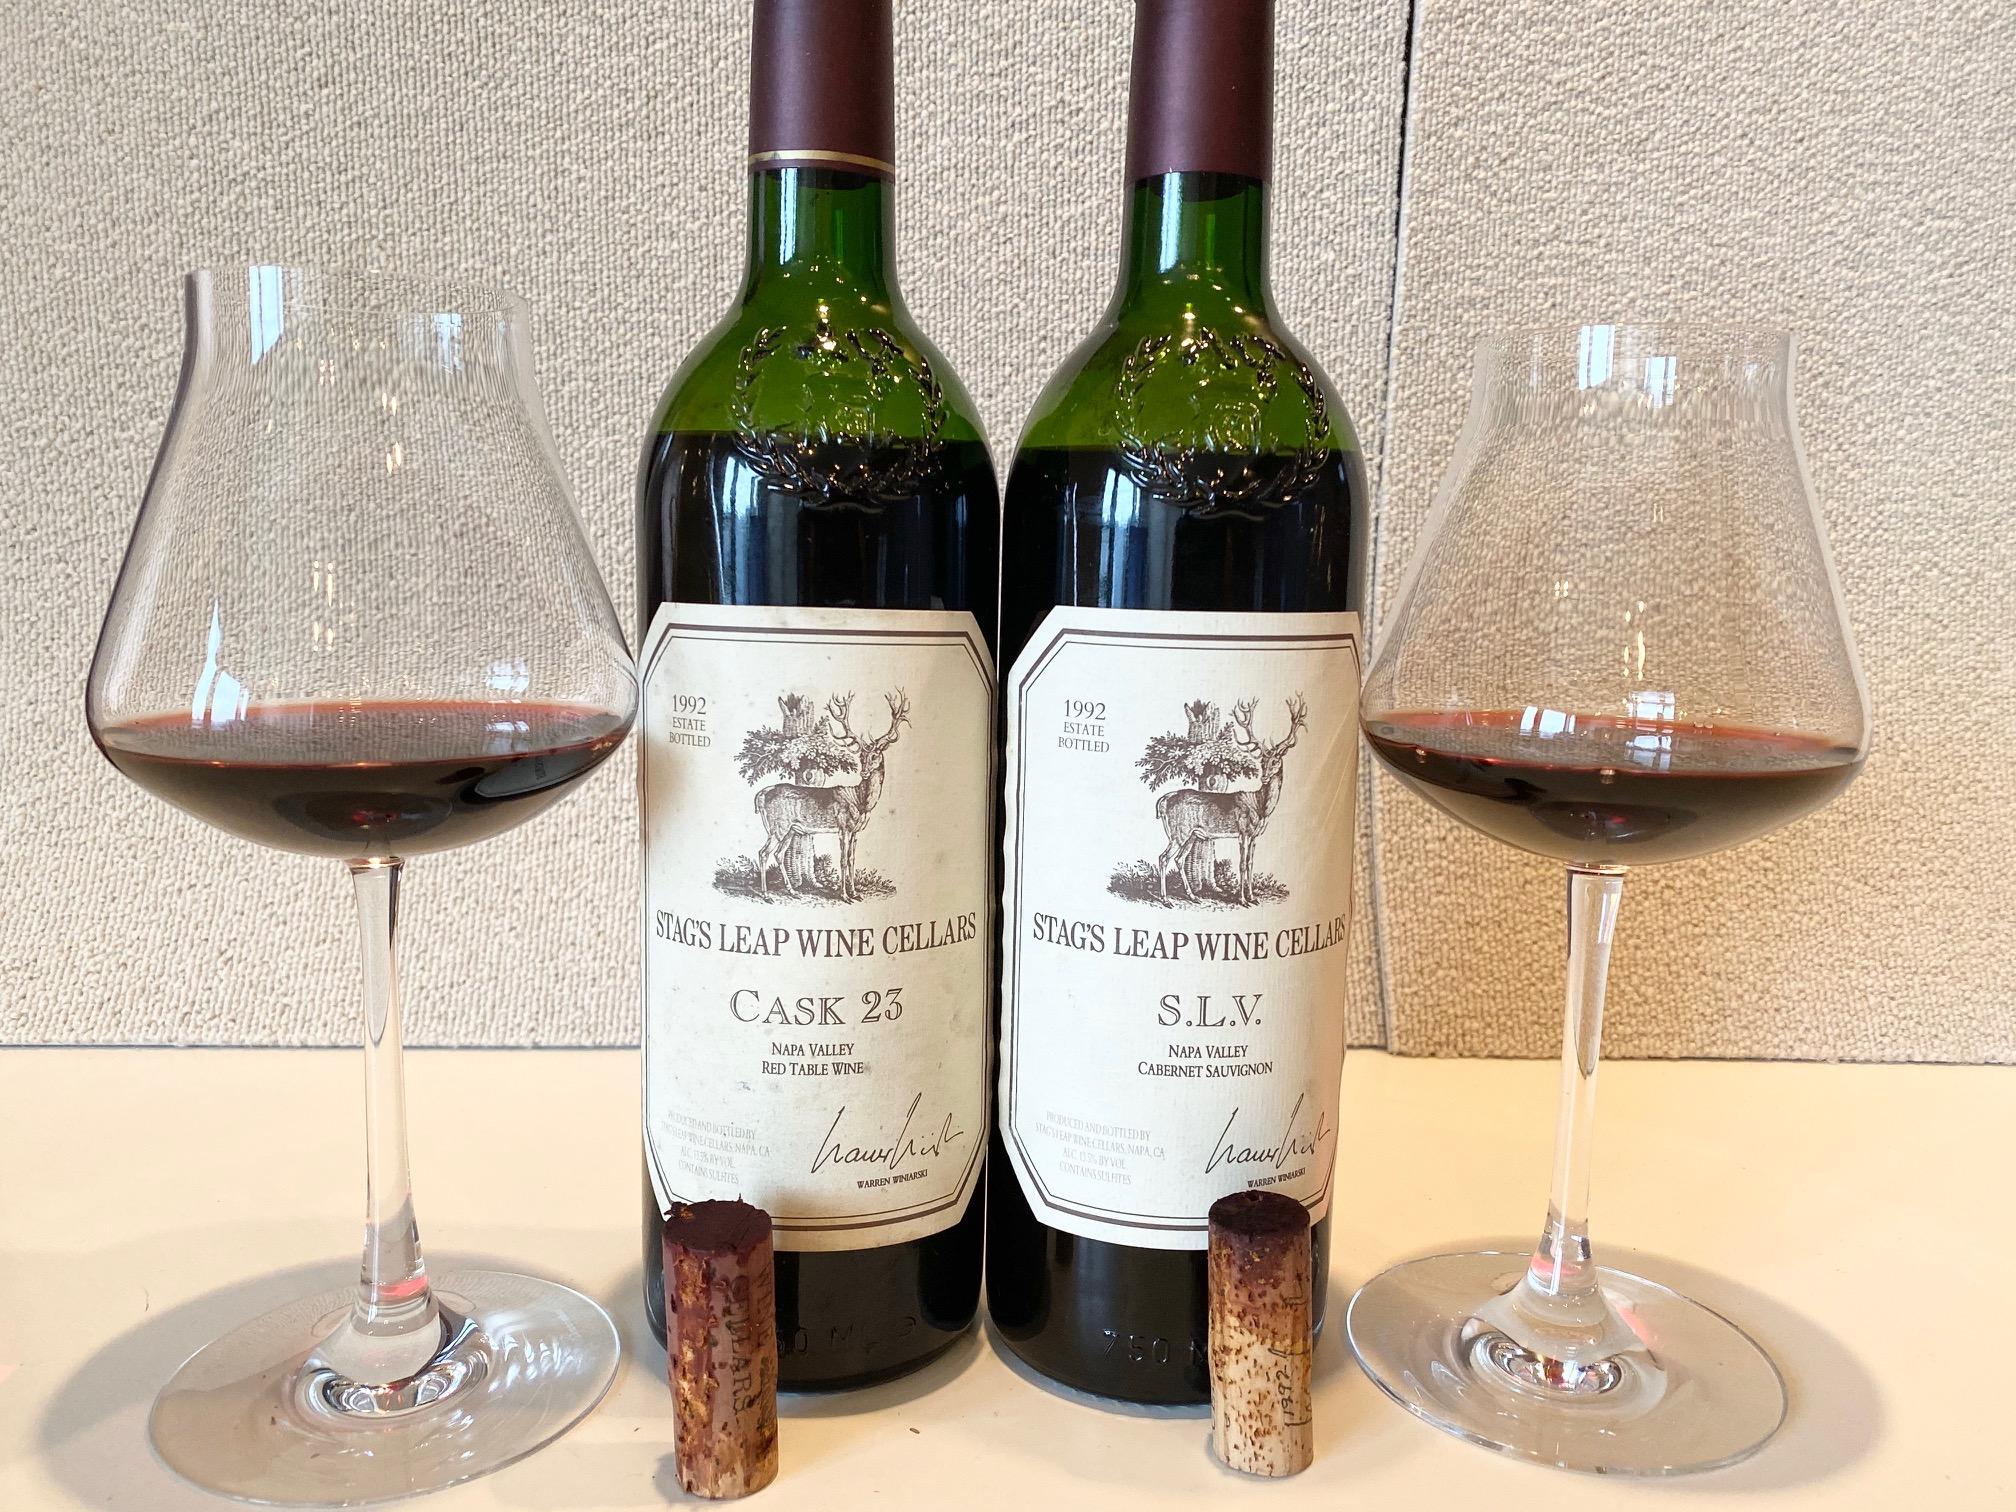 スタッグス・リープ・ワイン・セラーズ カベルネ・ソーヴィニヨン1992(Stag's Leap Wine Cellars Cabernet Sauvignon) S.L.VとCASK 23の飲み比べ